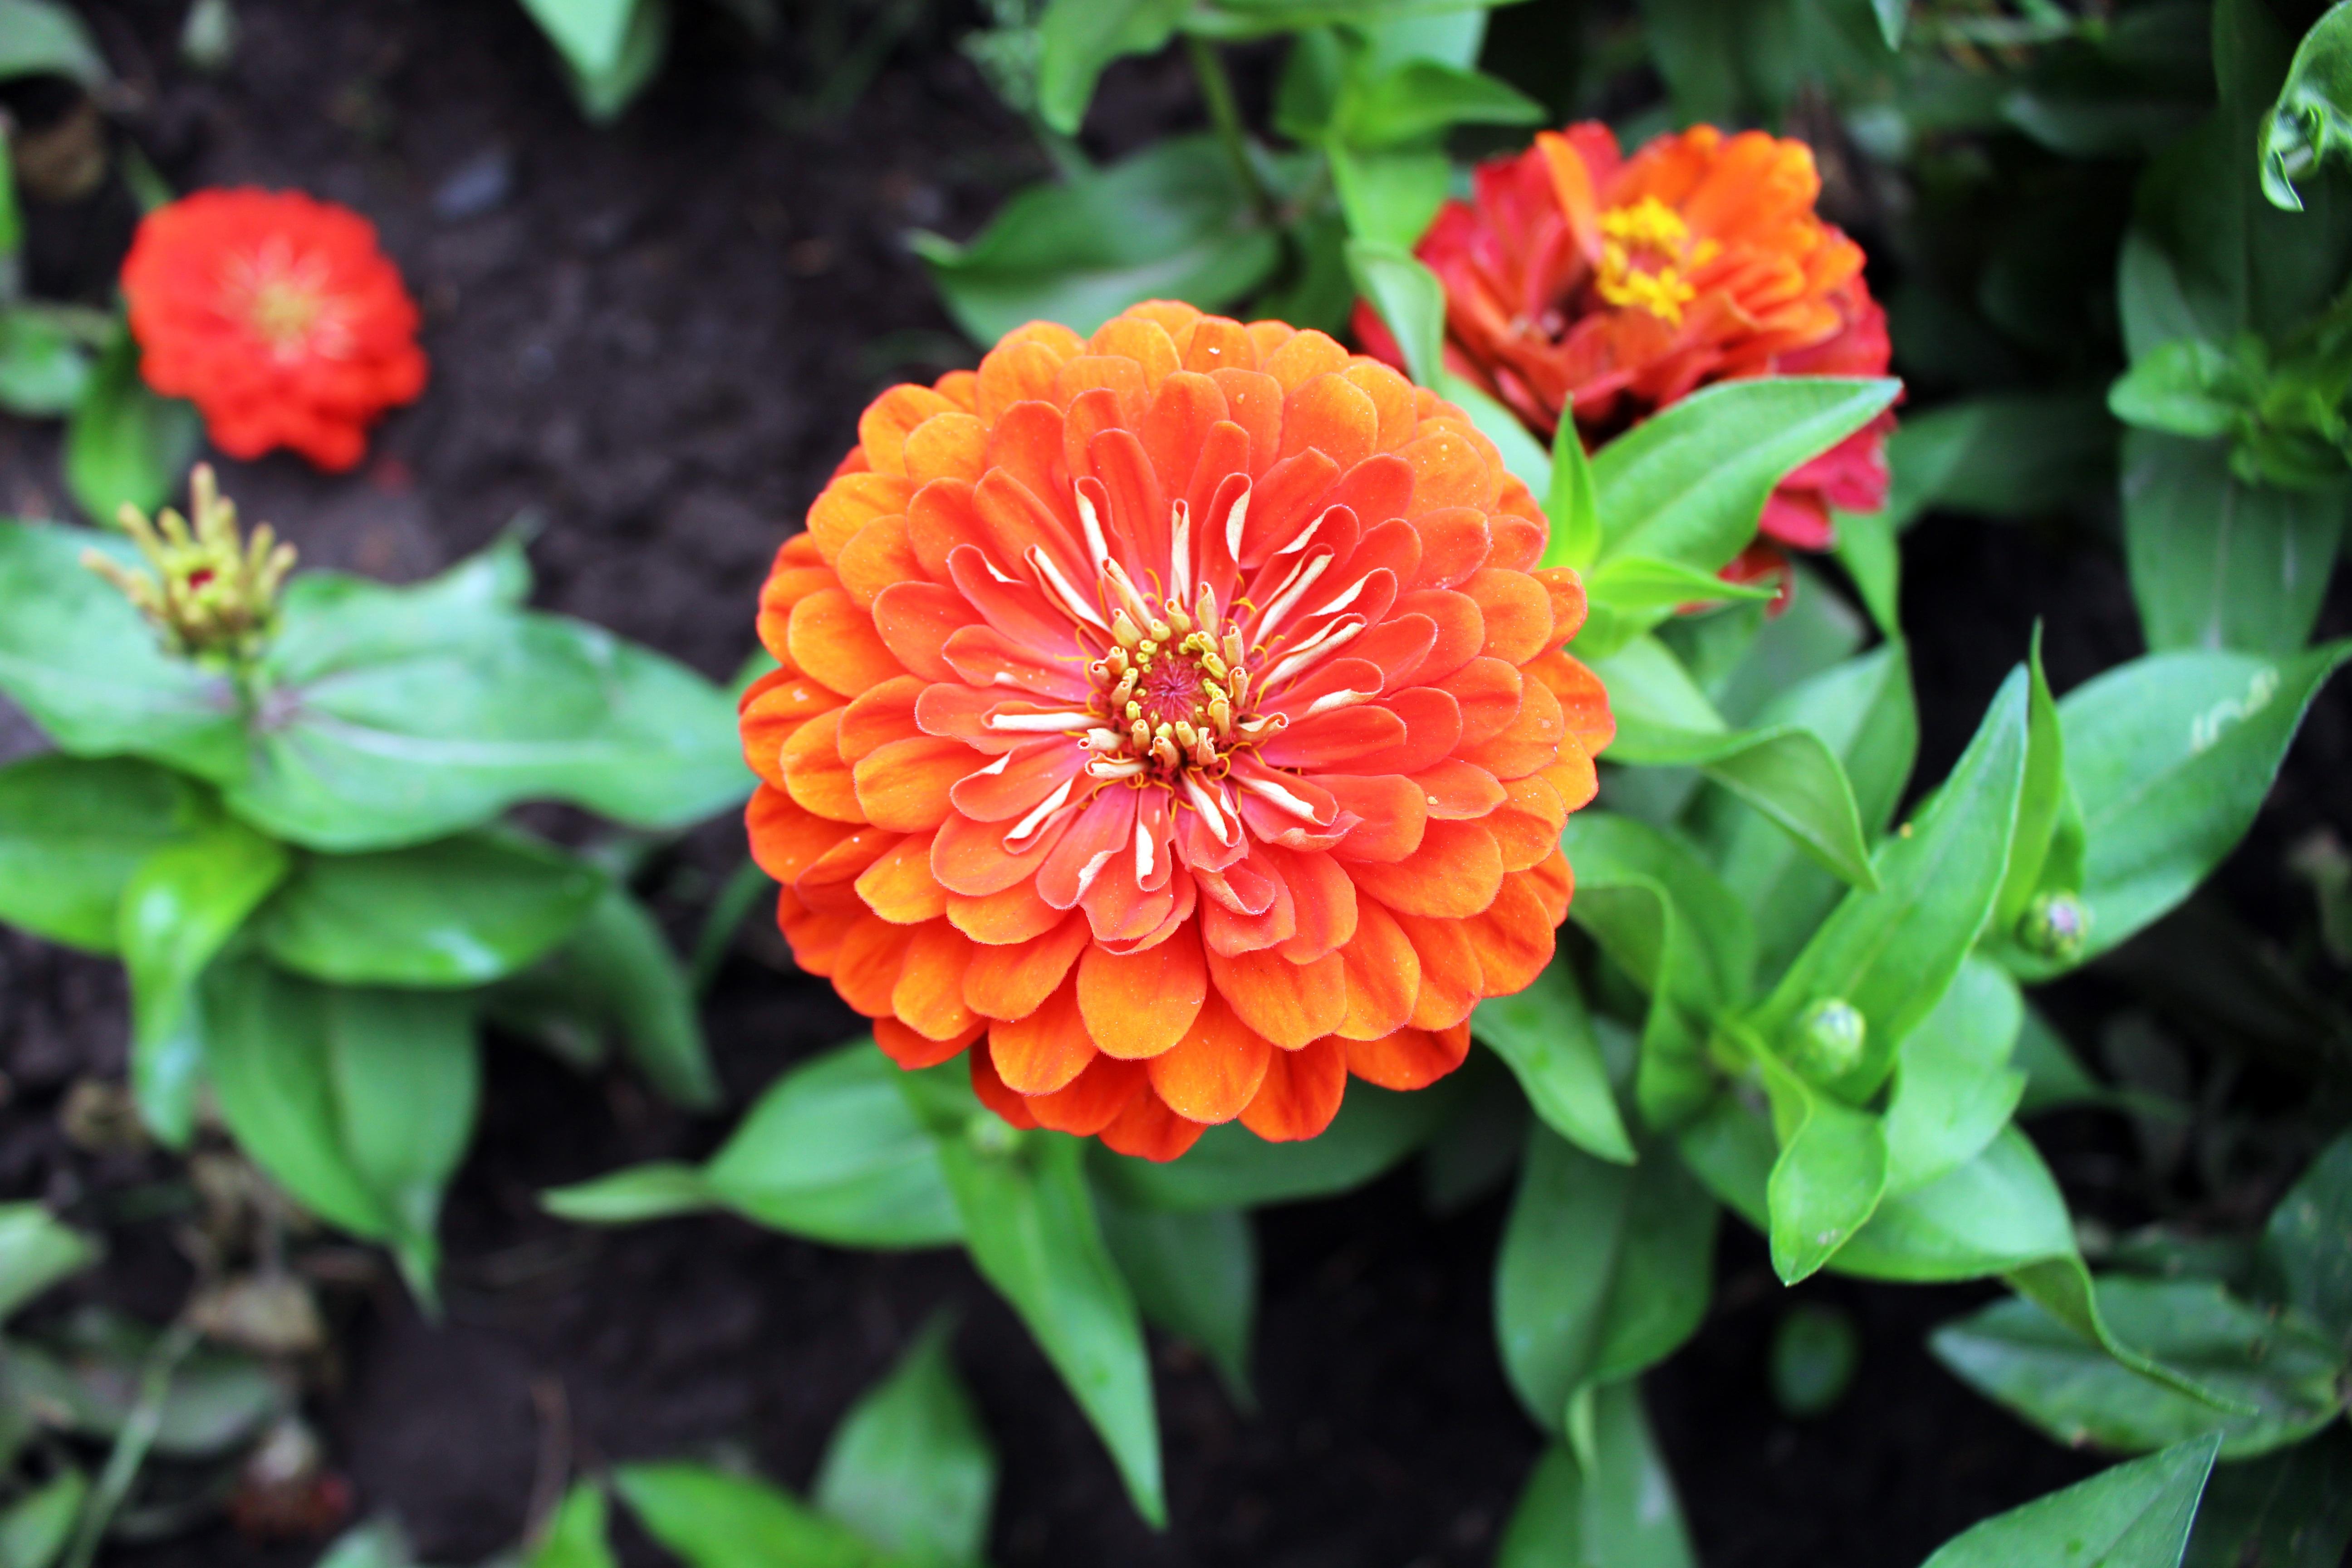 Super Banco de imagens : natureza, grama, Flor, plantar, dom, Prado  SG58